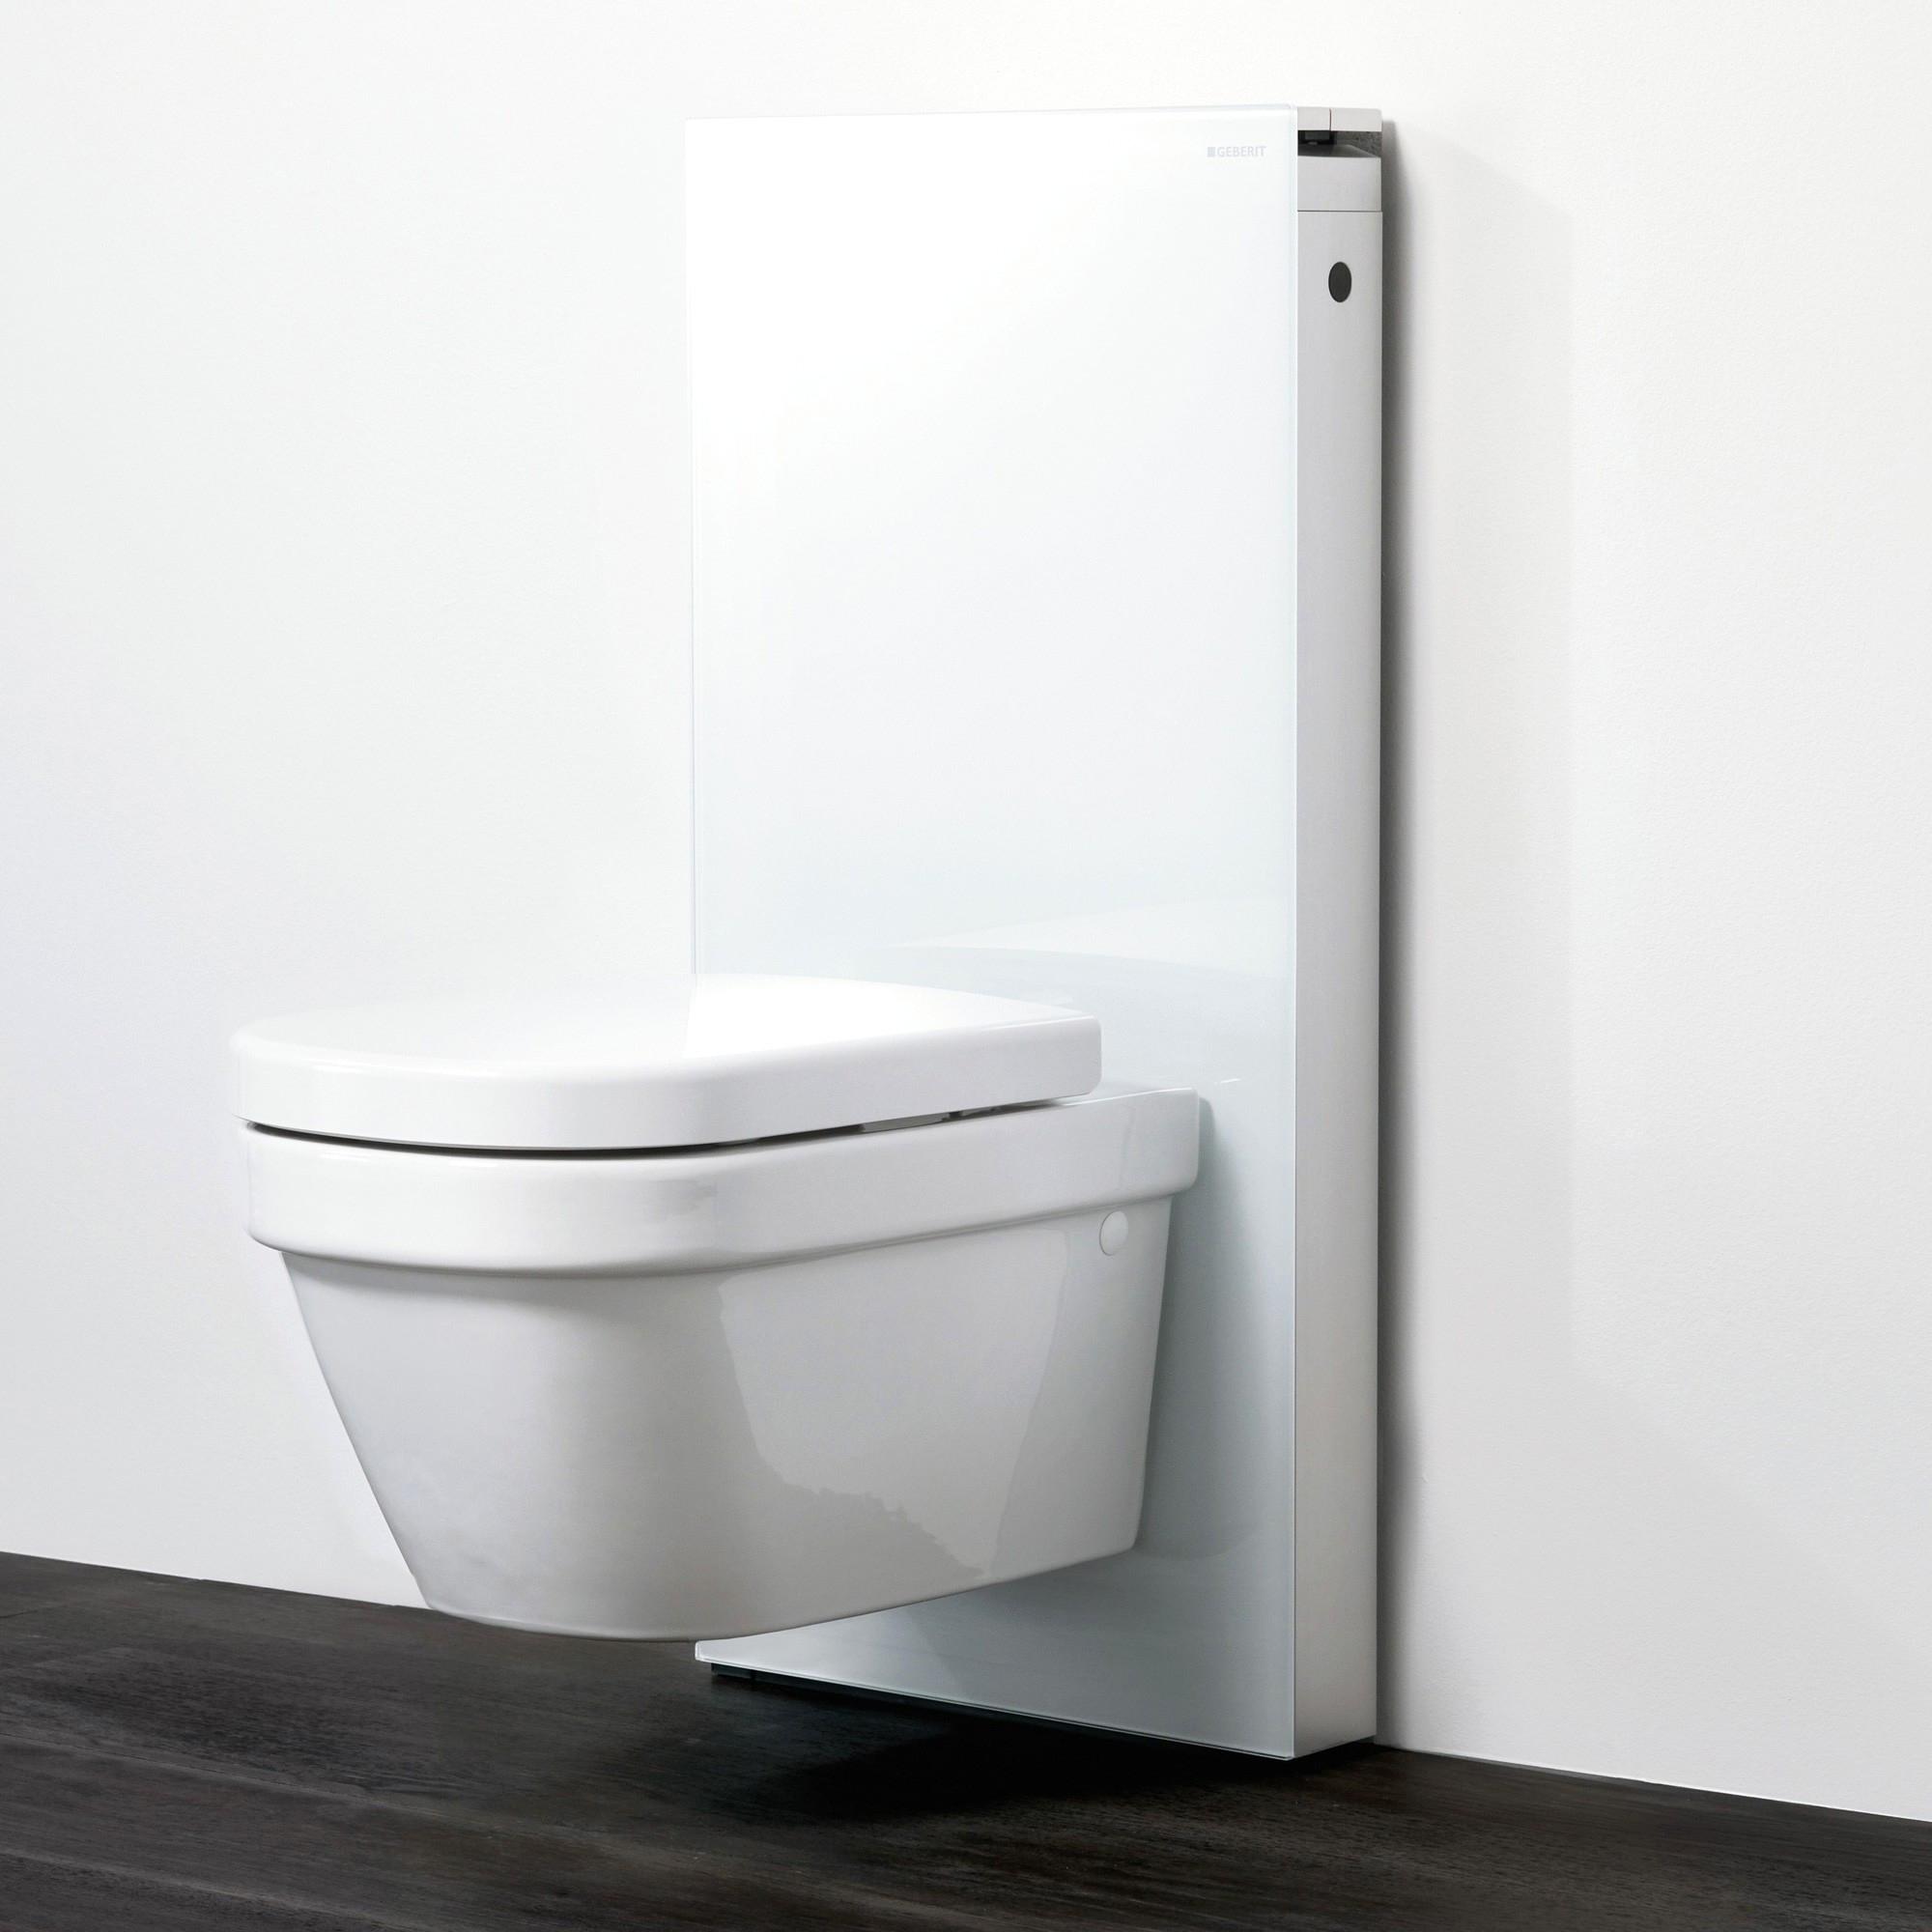 Castorama brosse wc